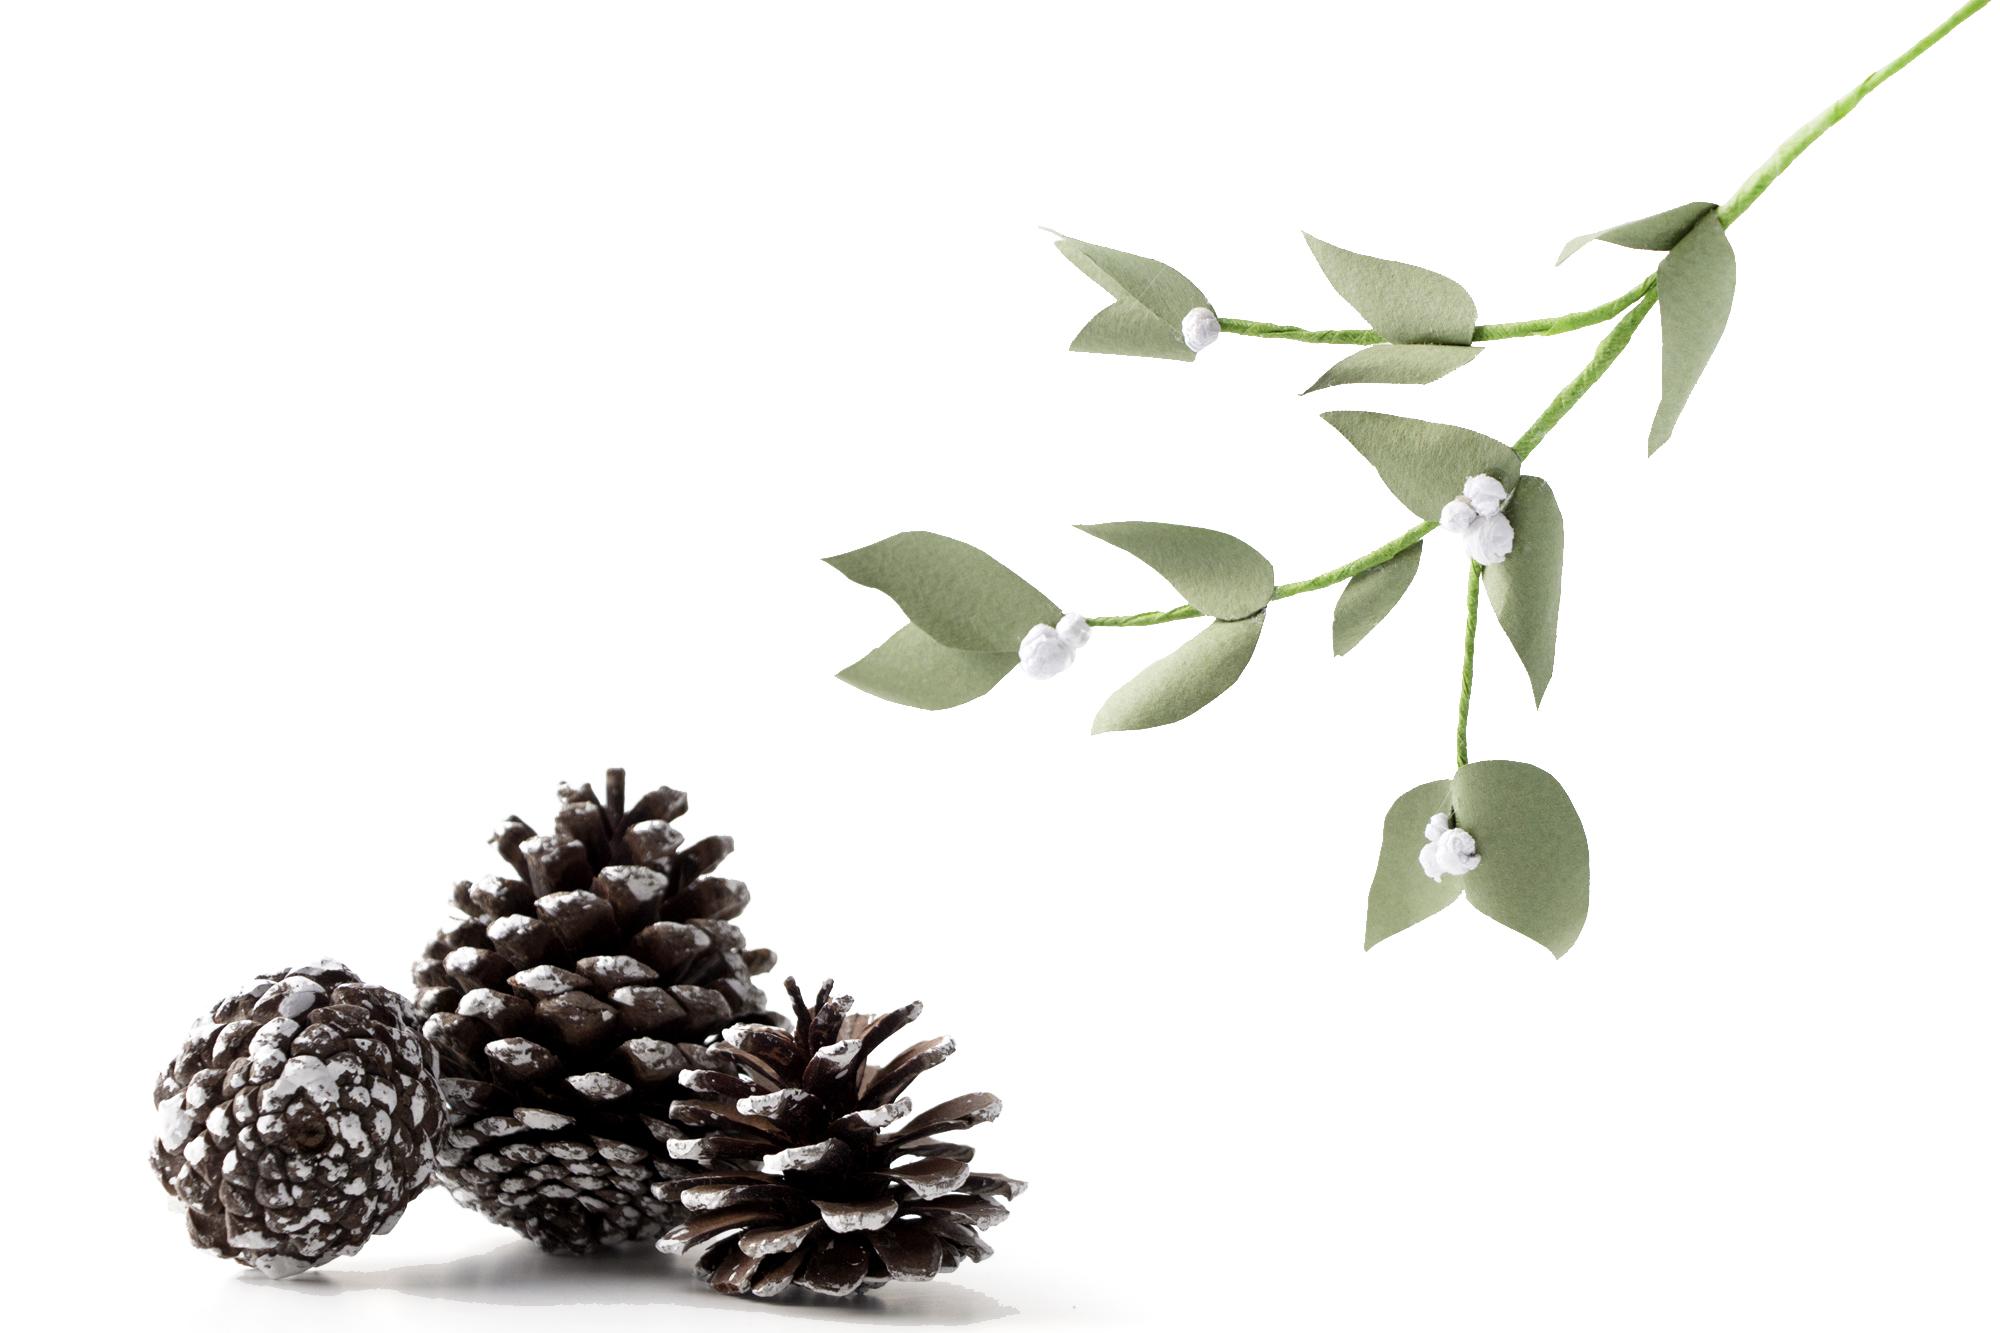 utensils0 - christmas mistletoe workshop